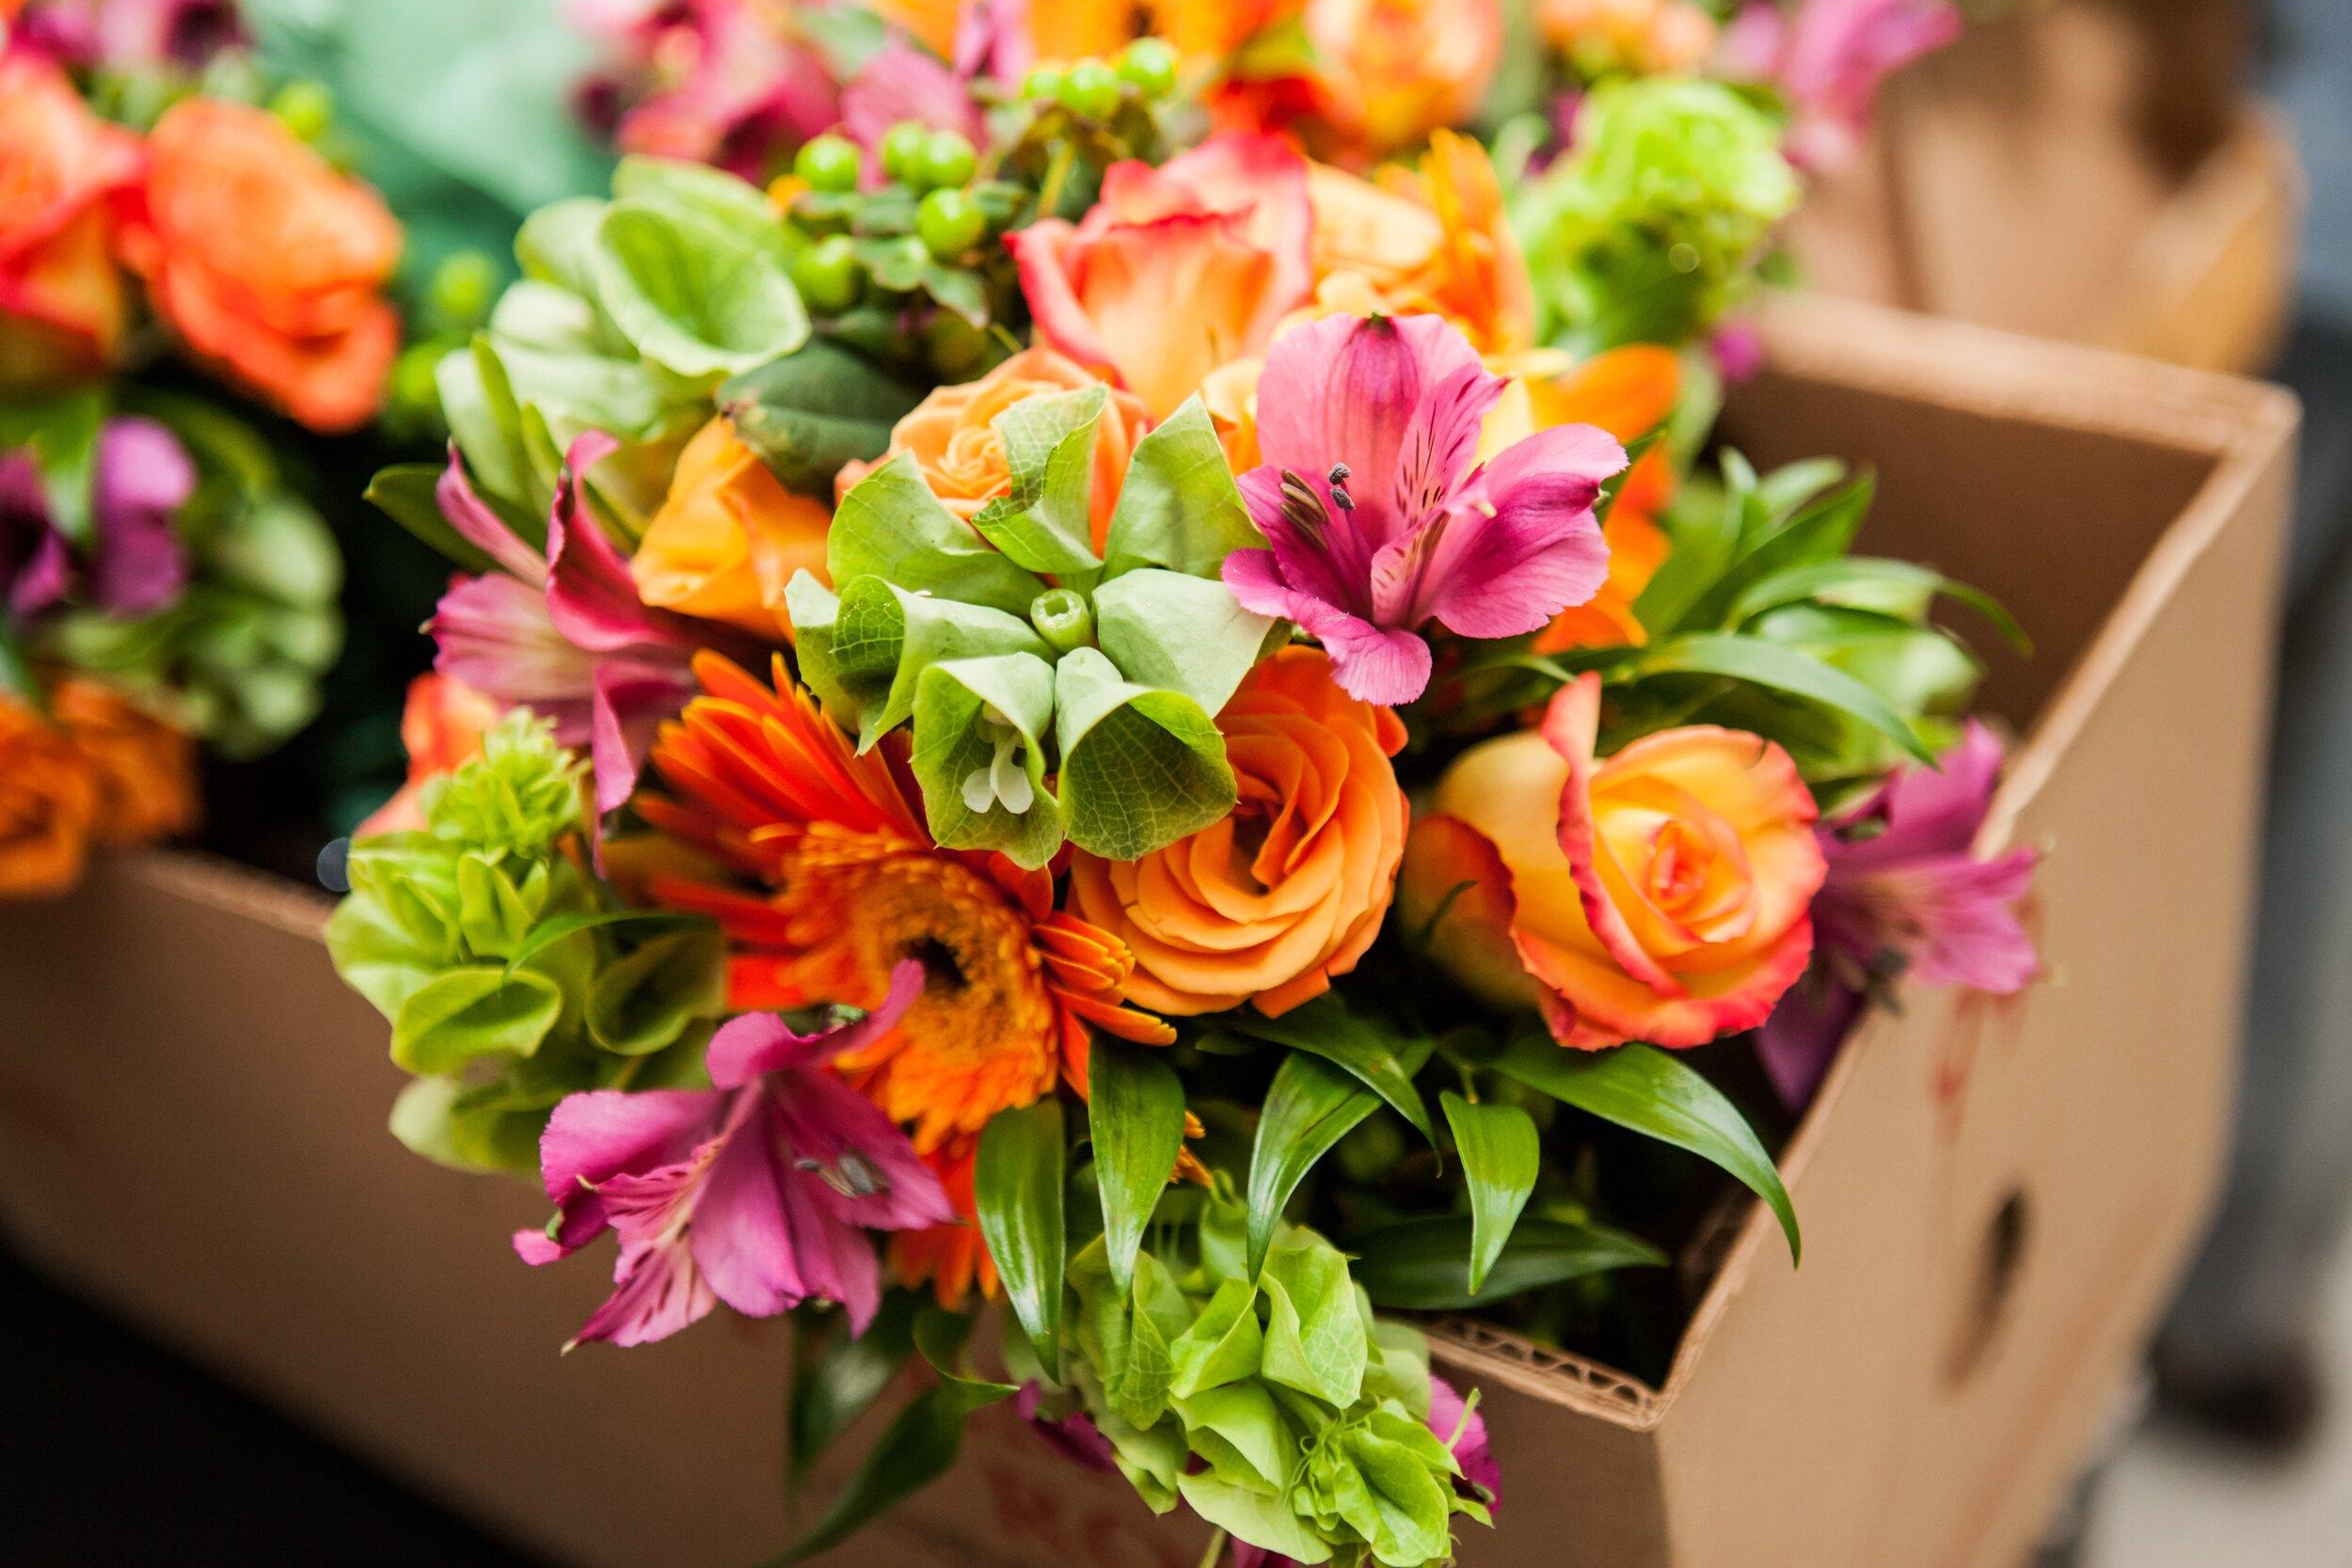 El significado del color de las flores que hasta hoy desconocías